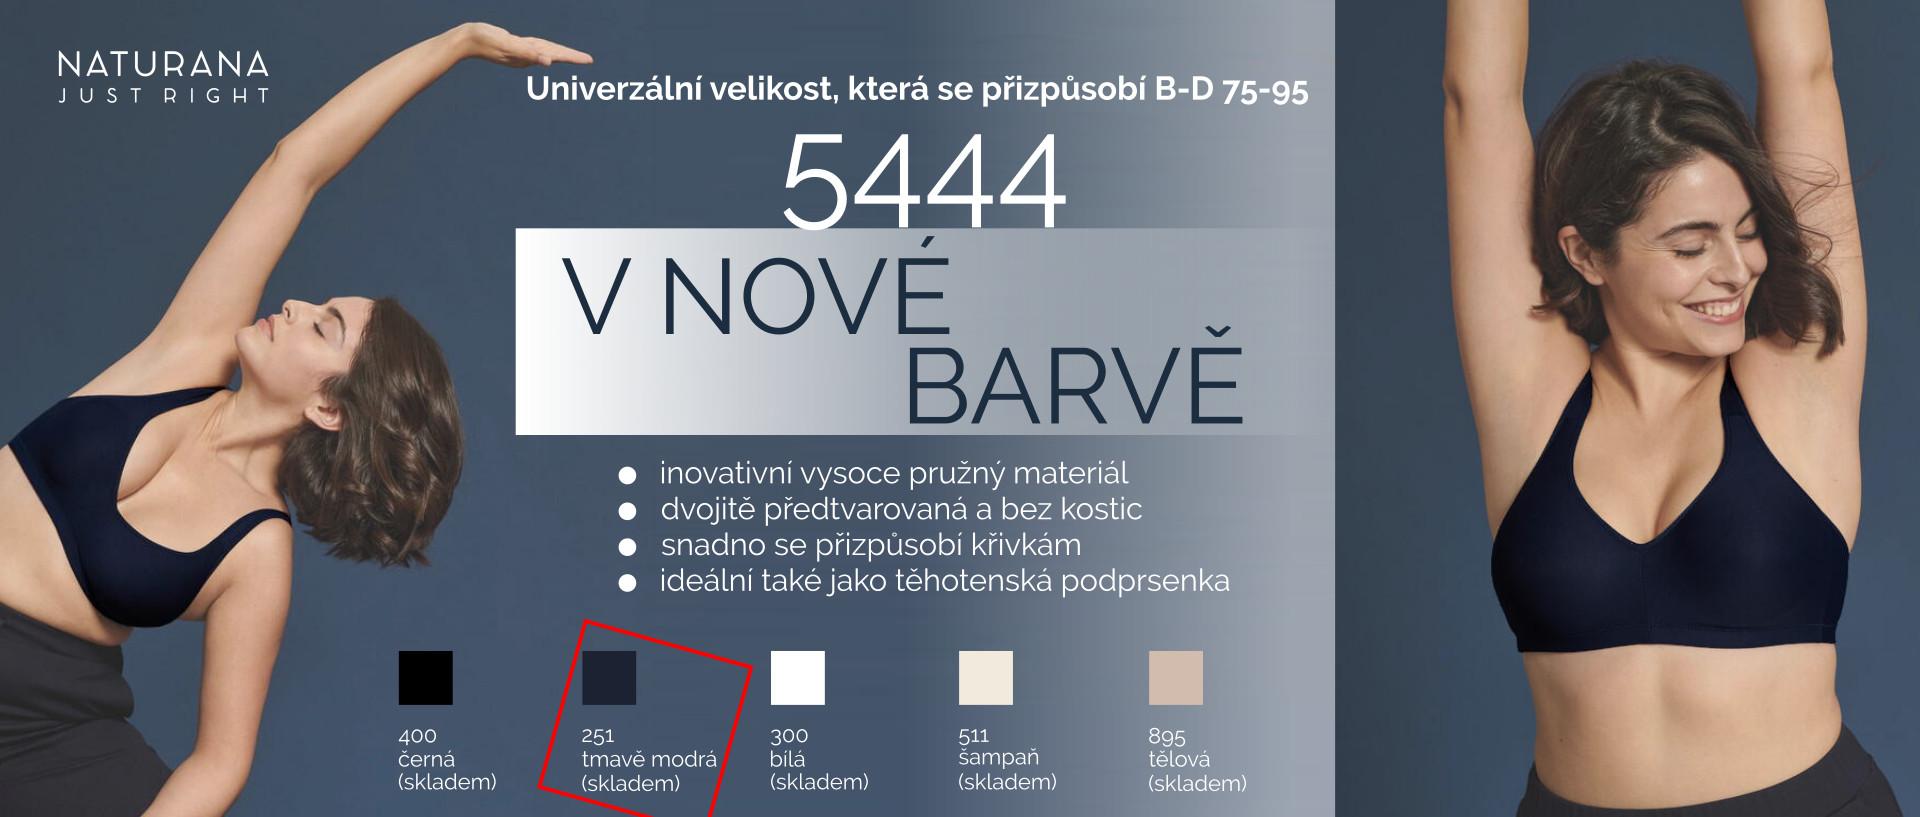 Podprsenka v univerzální velikosti, která se přizpůsobí 5444 Naturana